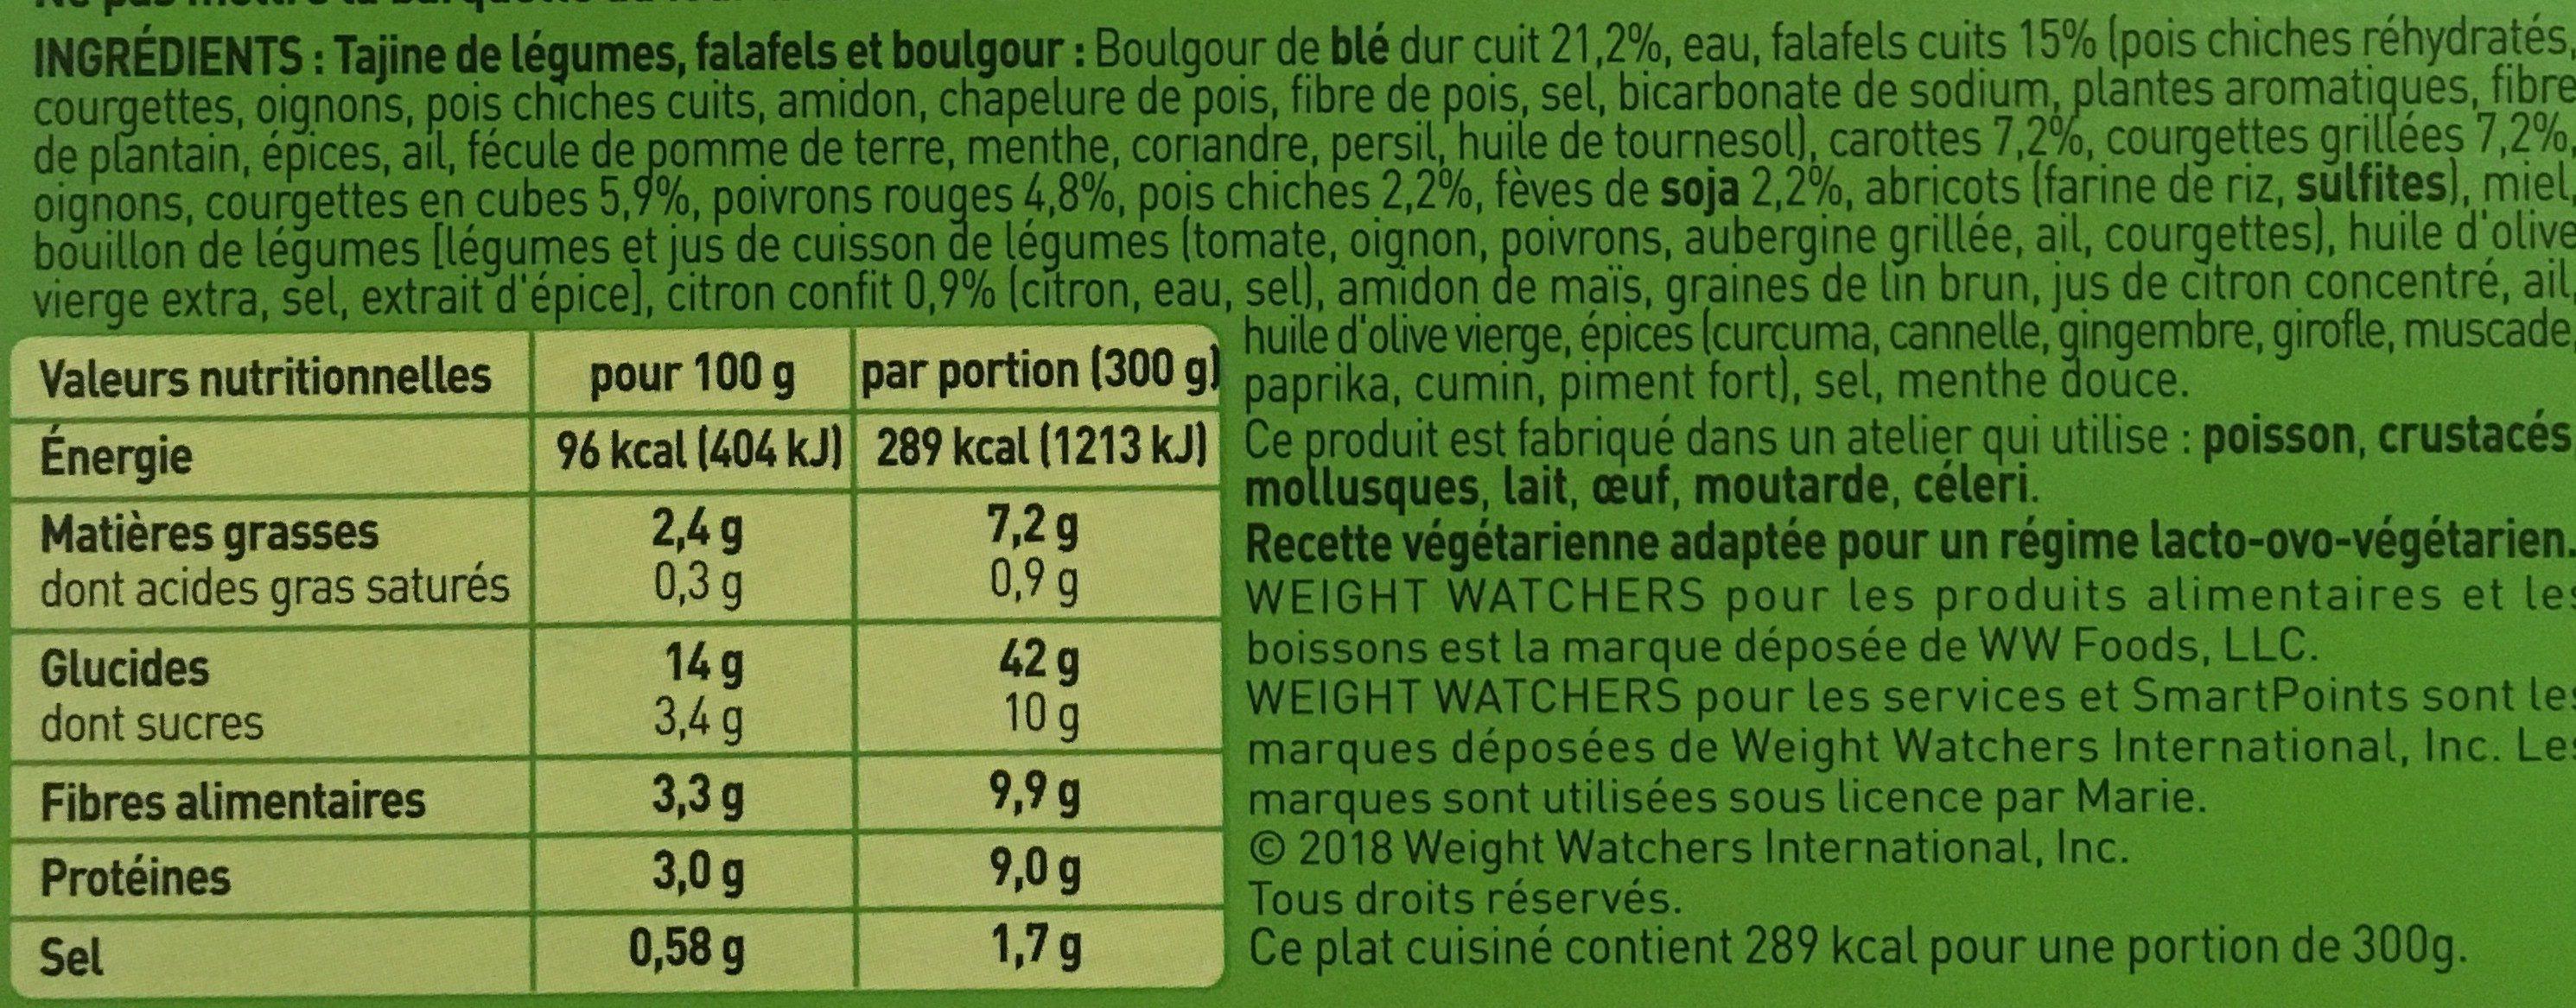 Tajine de légumes, falafels et boulgour - Ingrédients - fr